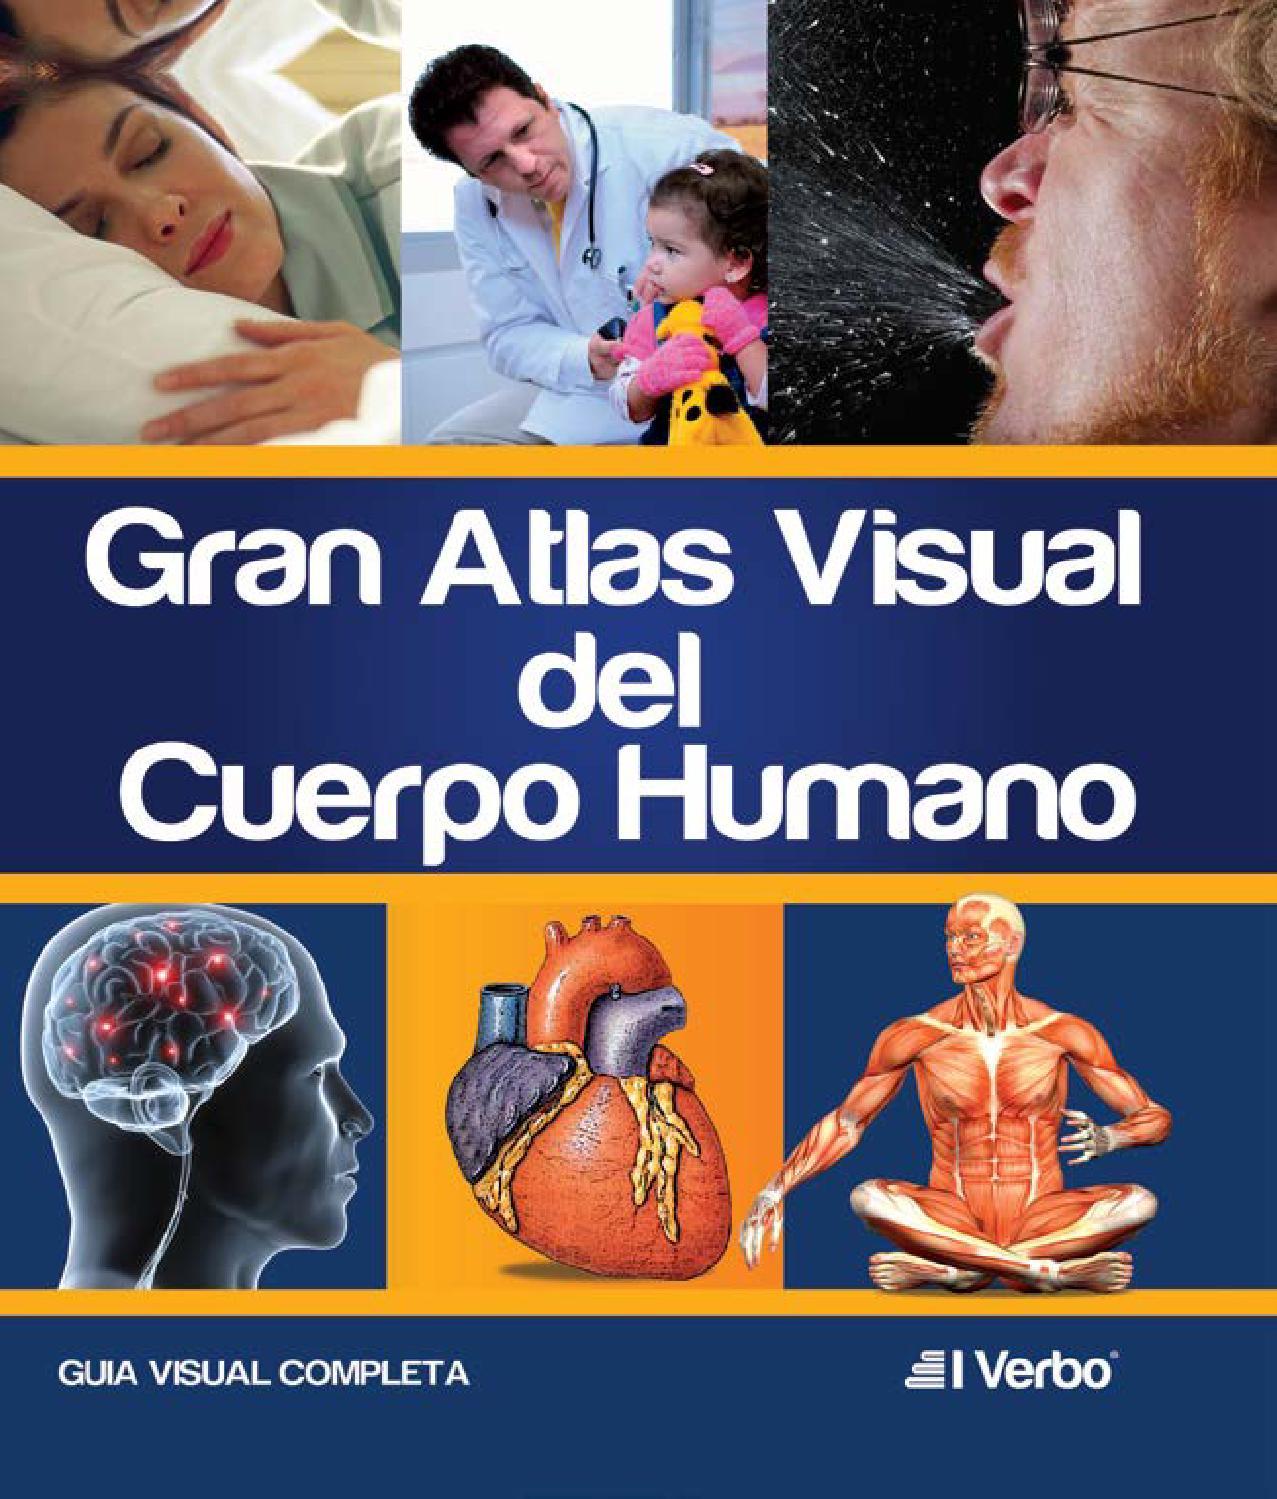 Gran atlas visual de anatomia humana by El Verbo editores - issuu